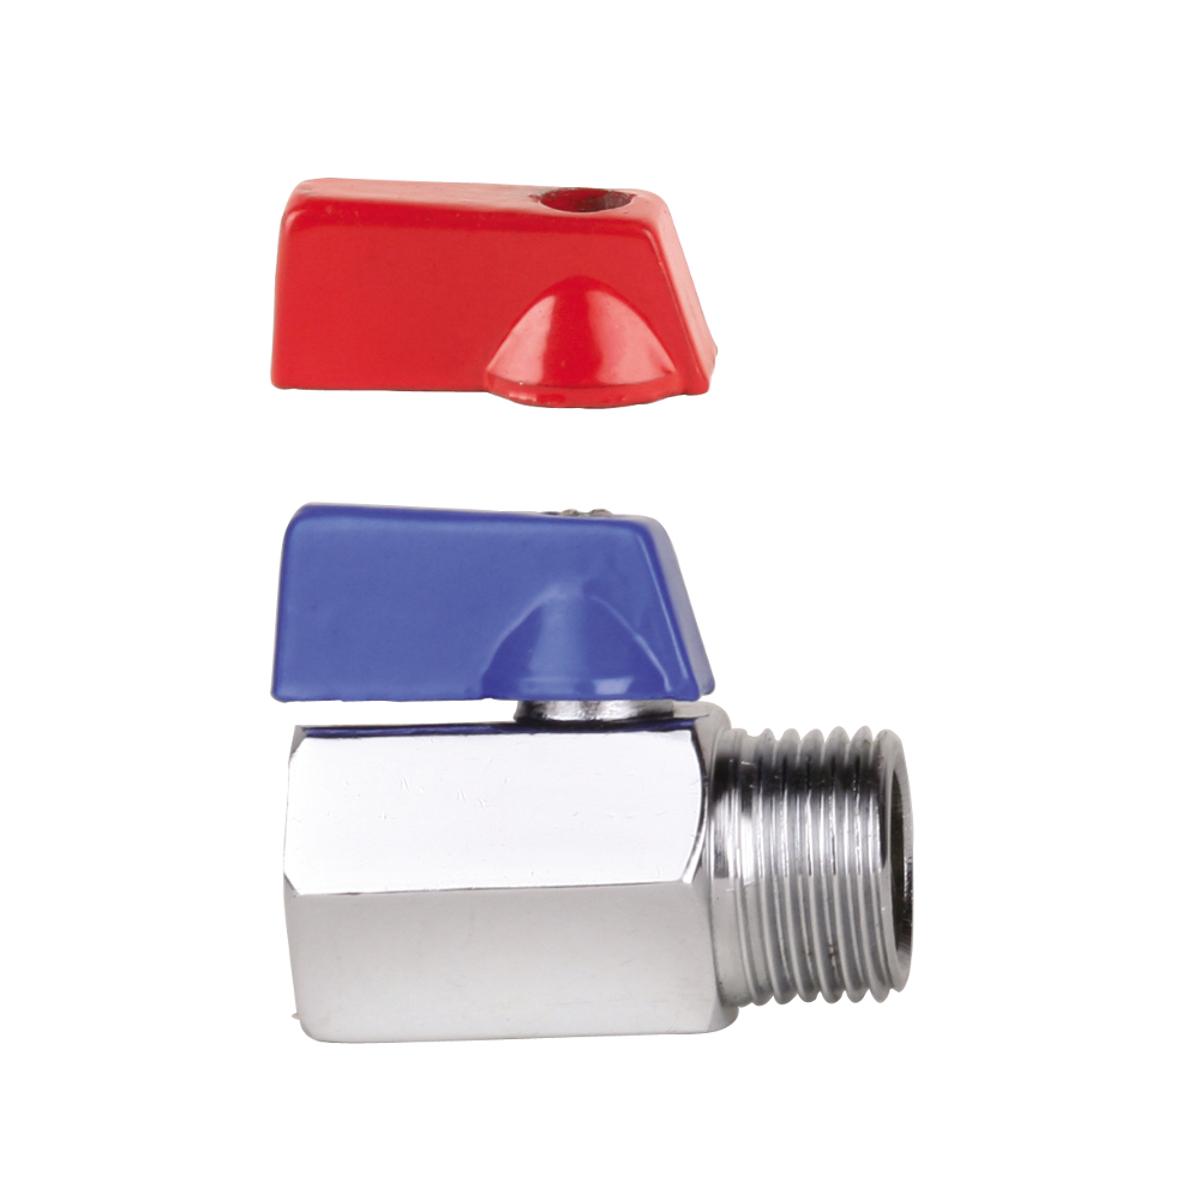 """Кран """"Aqualink"""" предназначен для систем питьевого холодного и горячего водоснабжения, отопления, систем сжатого воздуха, жидких углеводородов, а также для технологических трубопроводов, транспортирующих жидкости, не агрессивные к материалам крана. Рекомендуется поворачивать ручку крана не меньше одного раза в 3 месяца для предотвращения образования солей кальция.Использование шаровых кранов в качестве регулирующей арматуры не допускается. Минимальные размеры позволяют инсталлировать краны в условиях ограниченного пространства. Диаметр: 1/2"""" (15 мм)."""